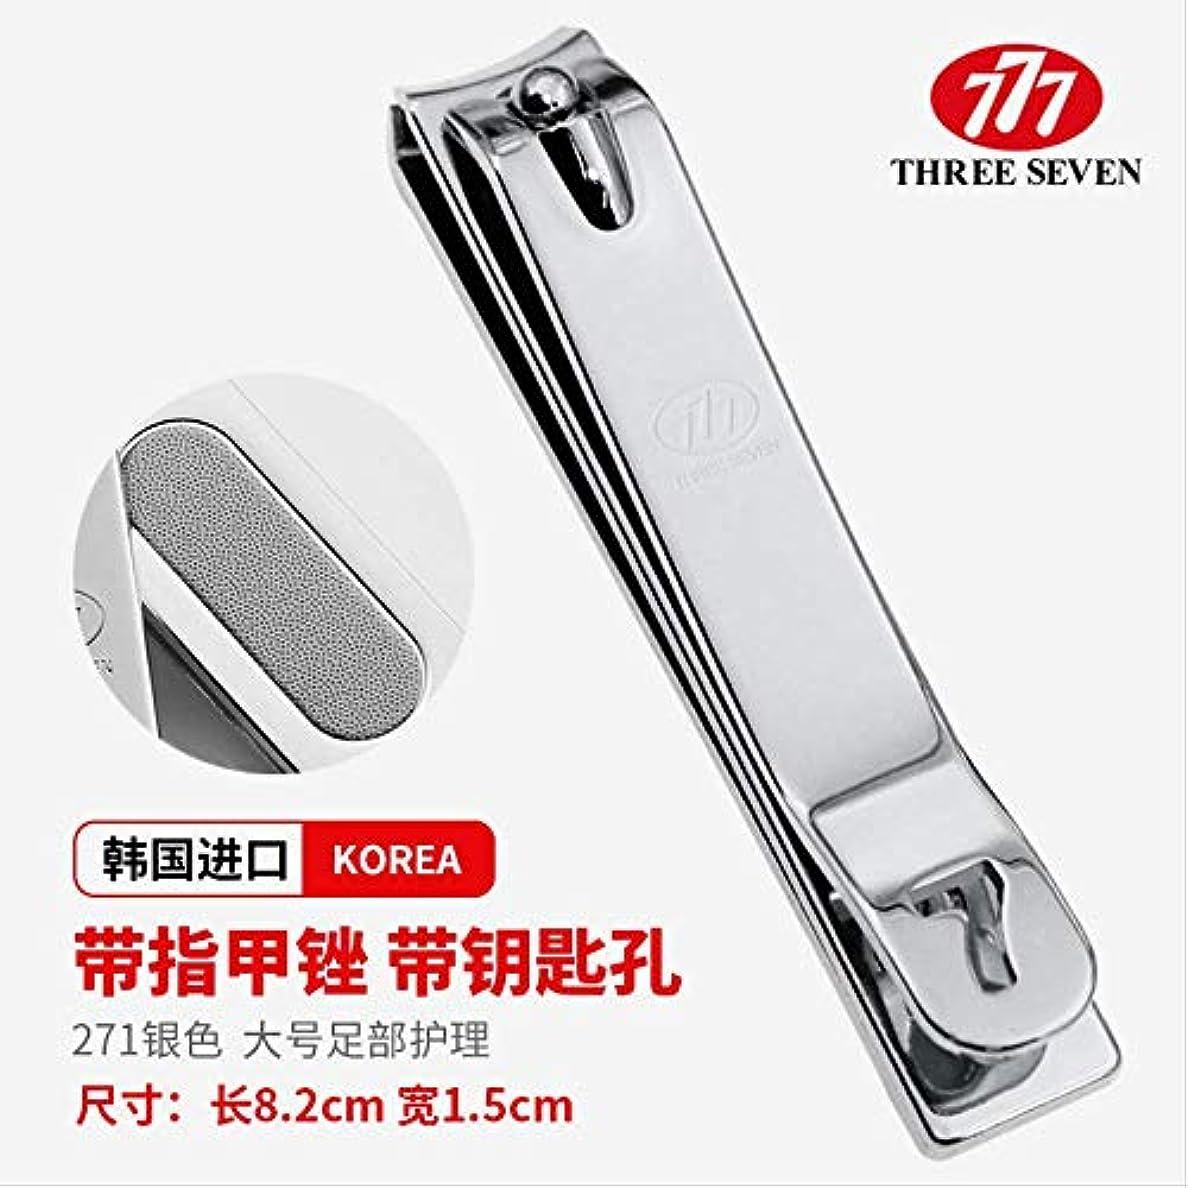 お祝い複製する確保する韓国777爪切りはさみ元平口斜め爪切り小さな爪切り大本物 N-271